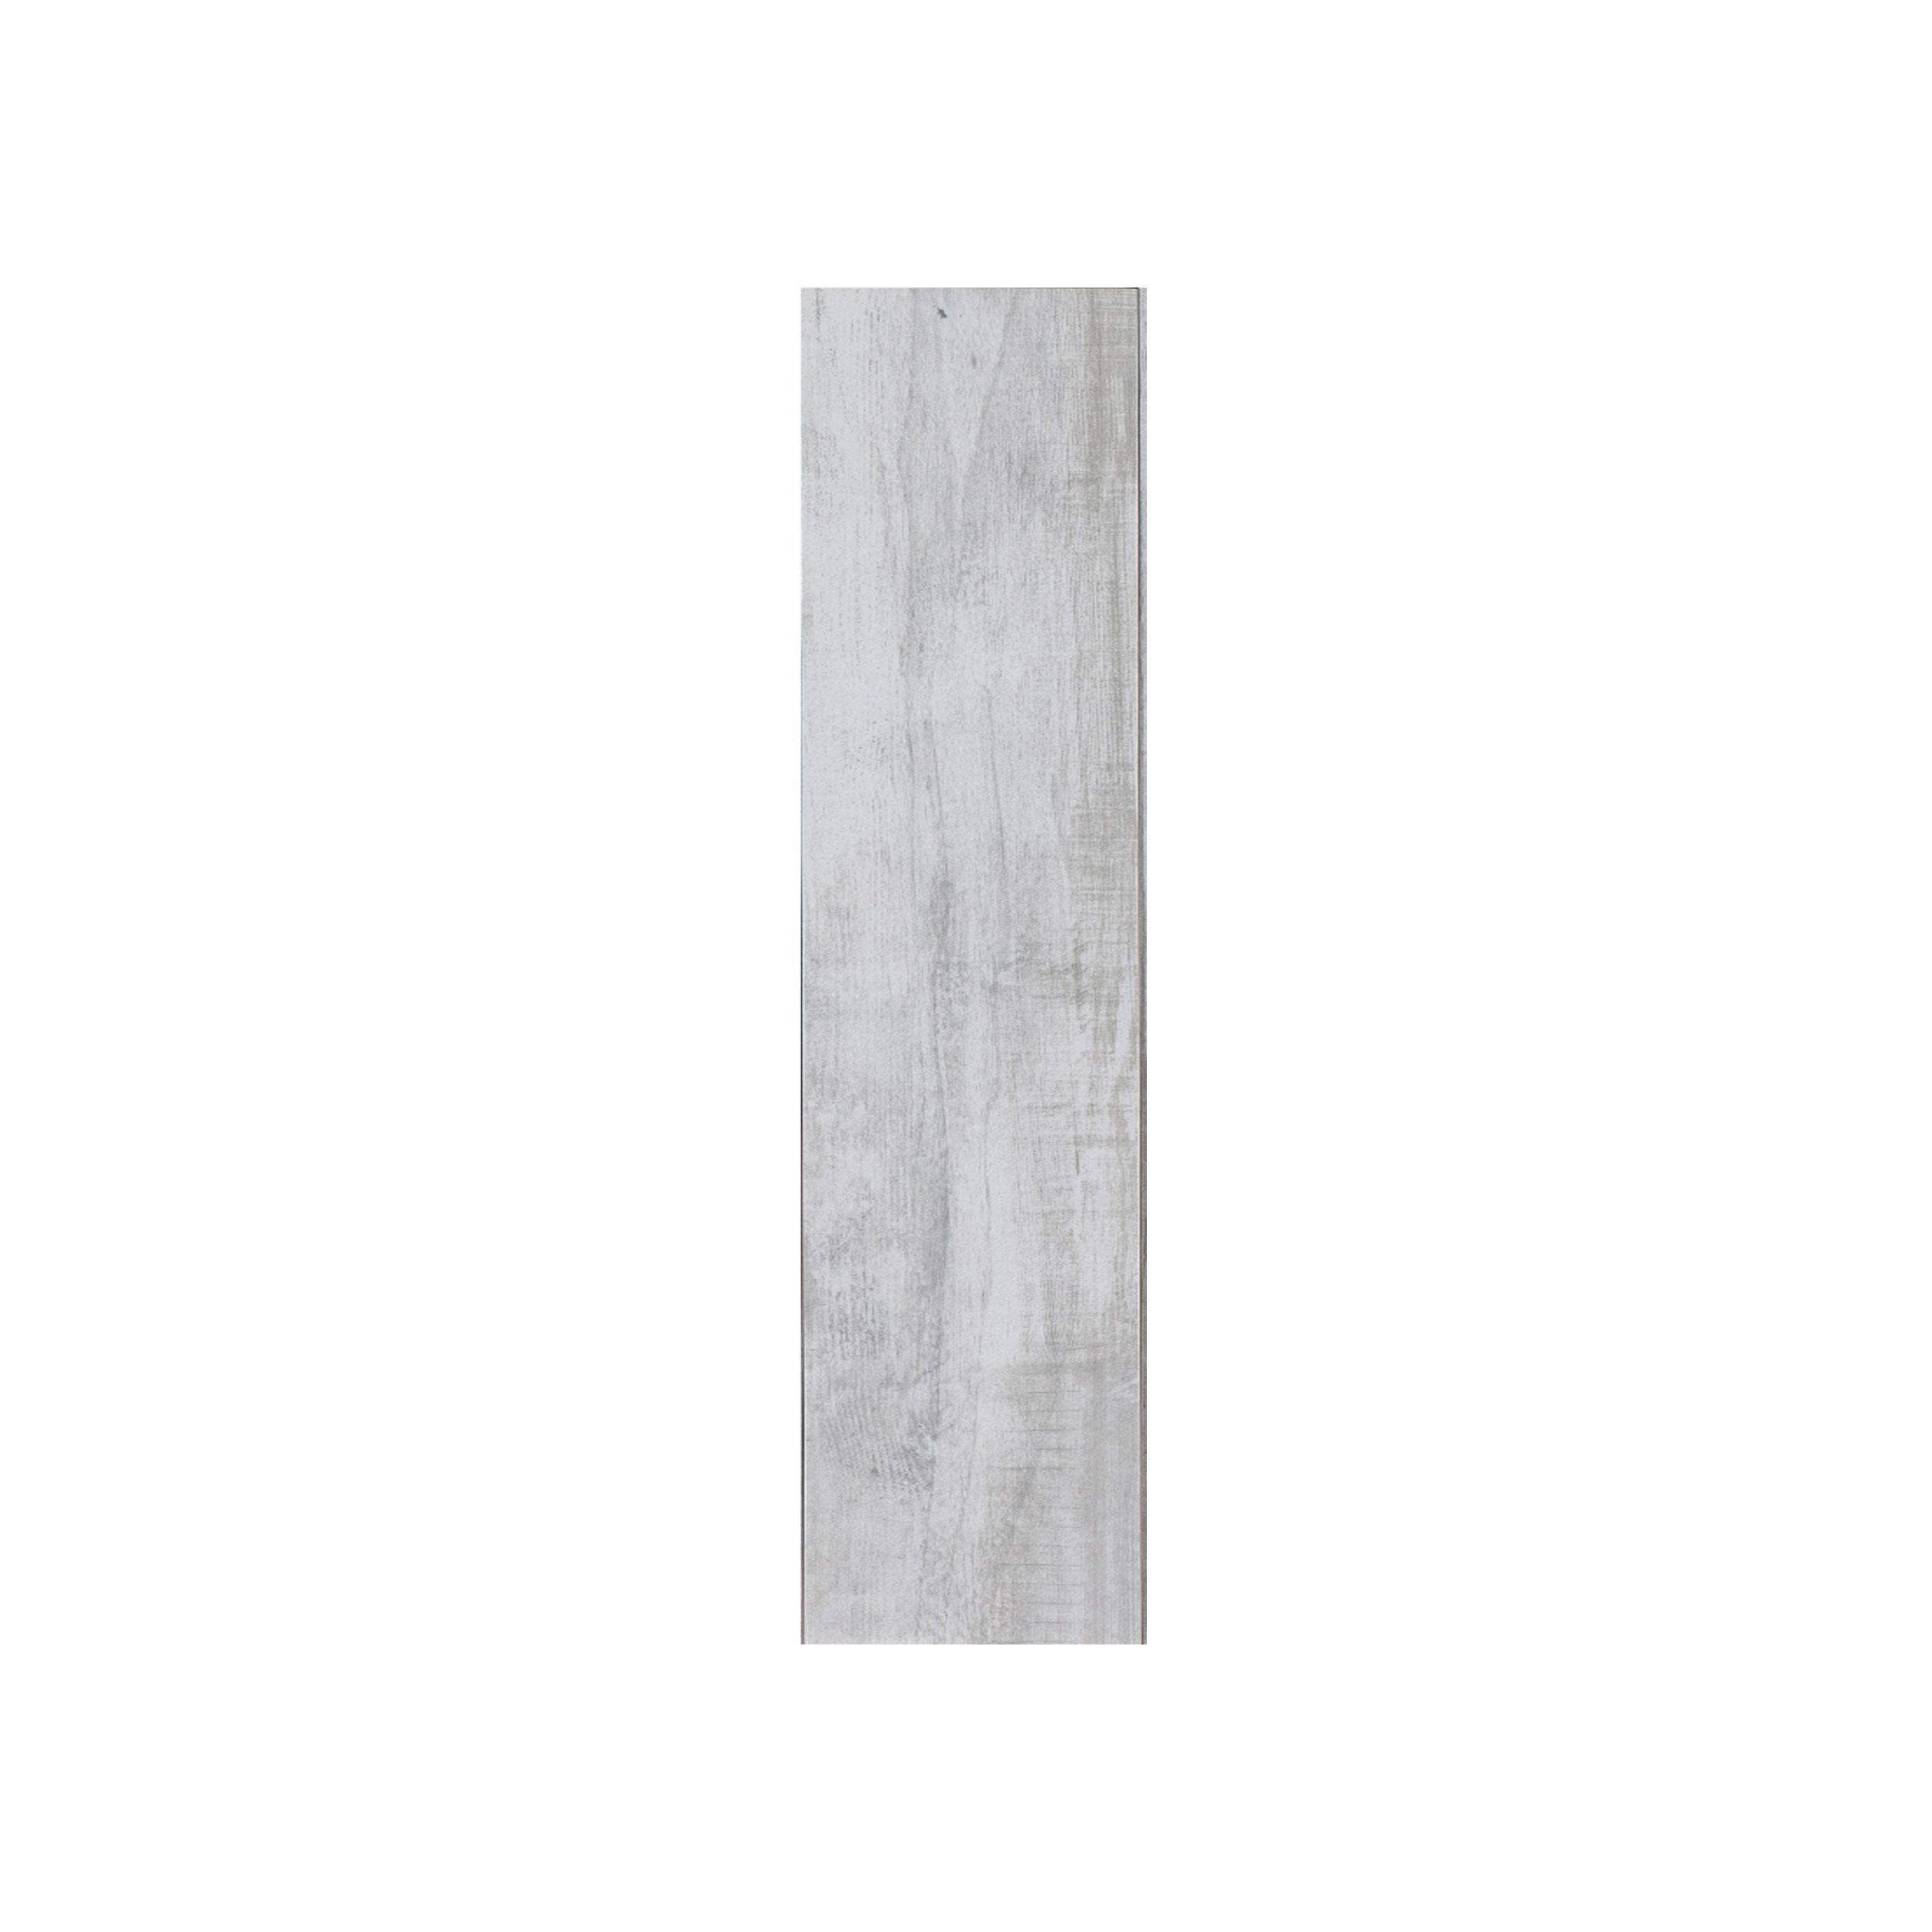 COTTO กระเบื้องปูพื้นและผนัง (คอตโต้) 6x36 นิ้ว (15x90ซม.) GT737574